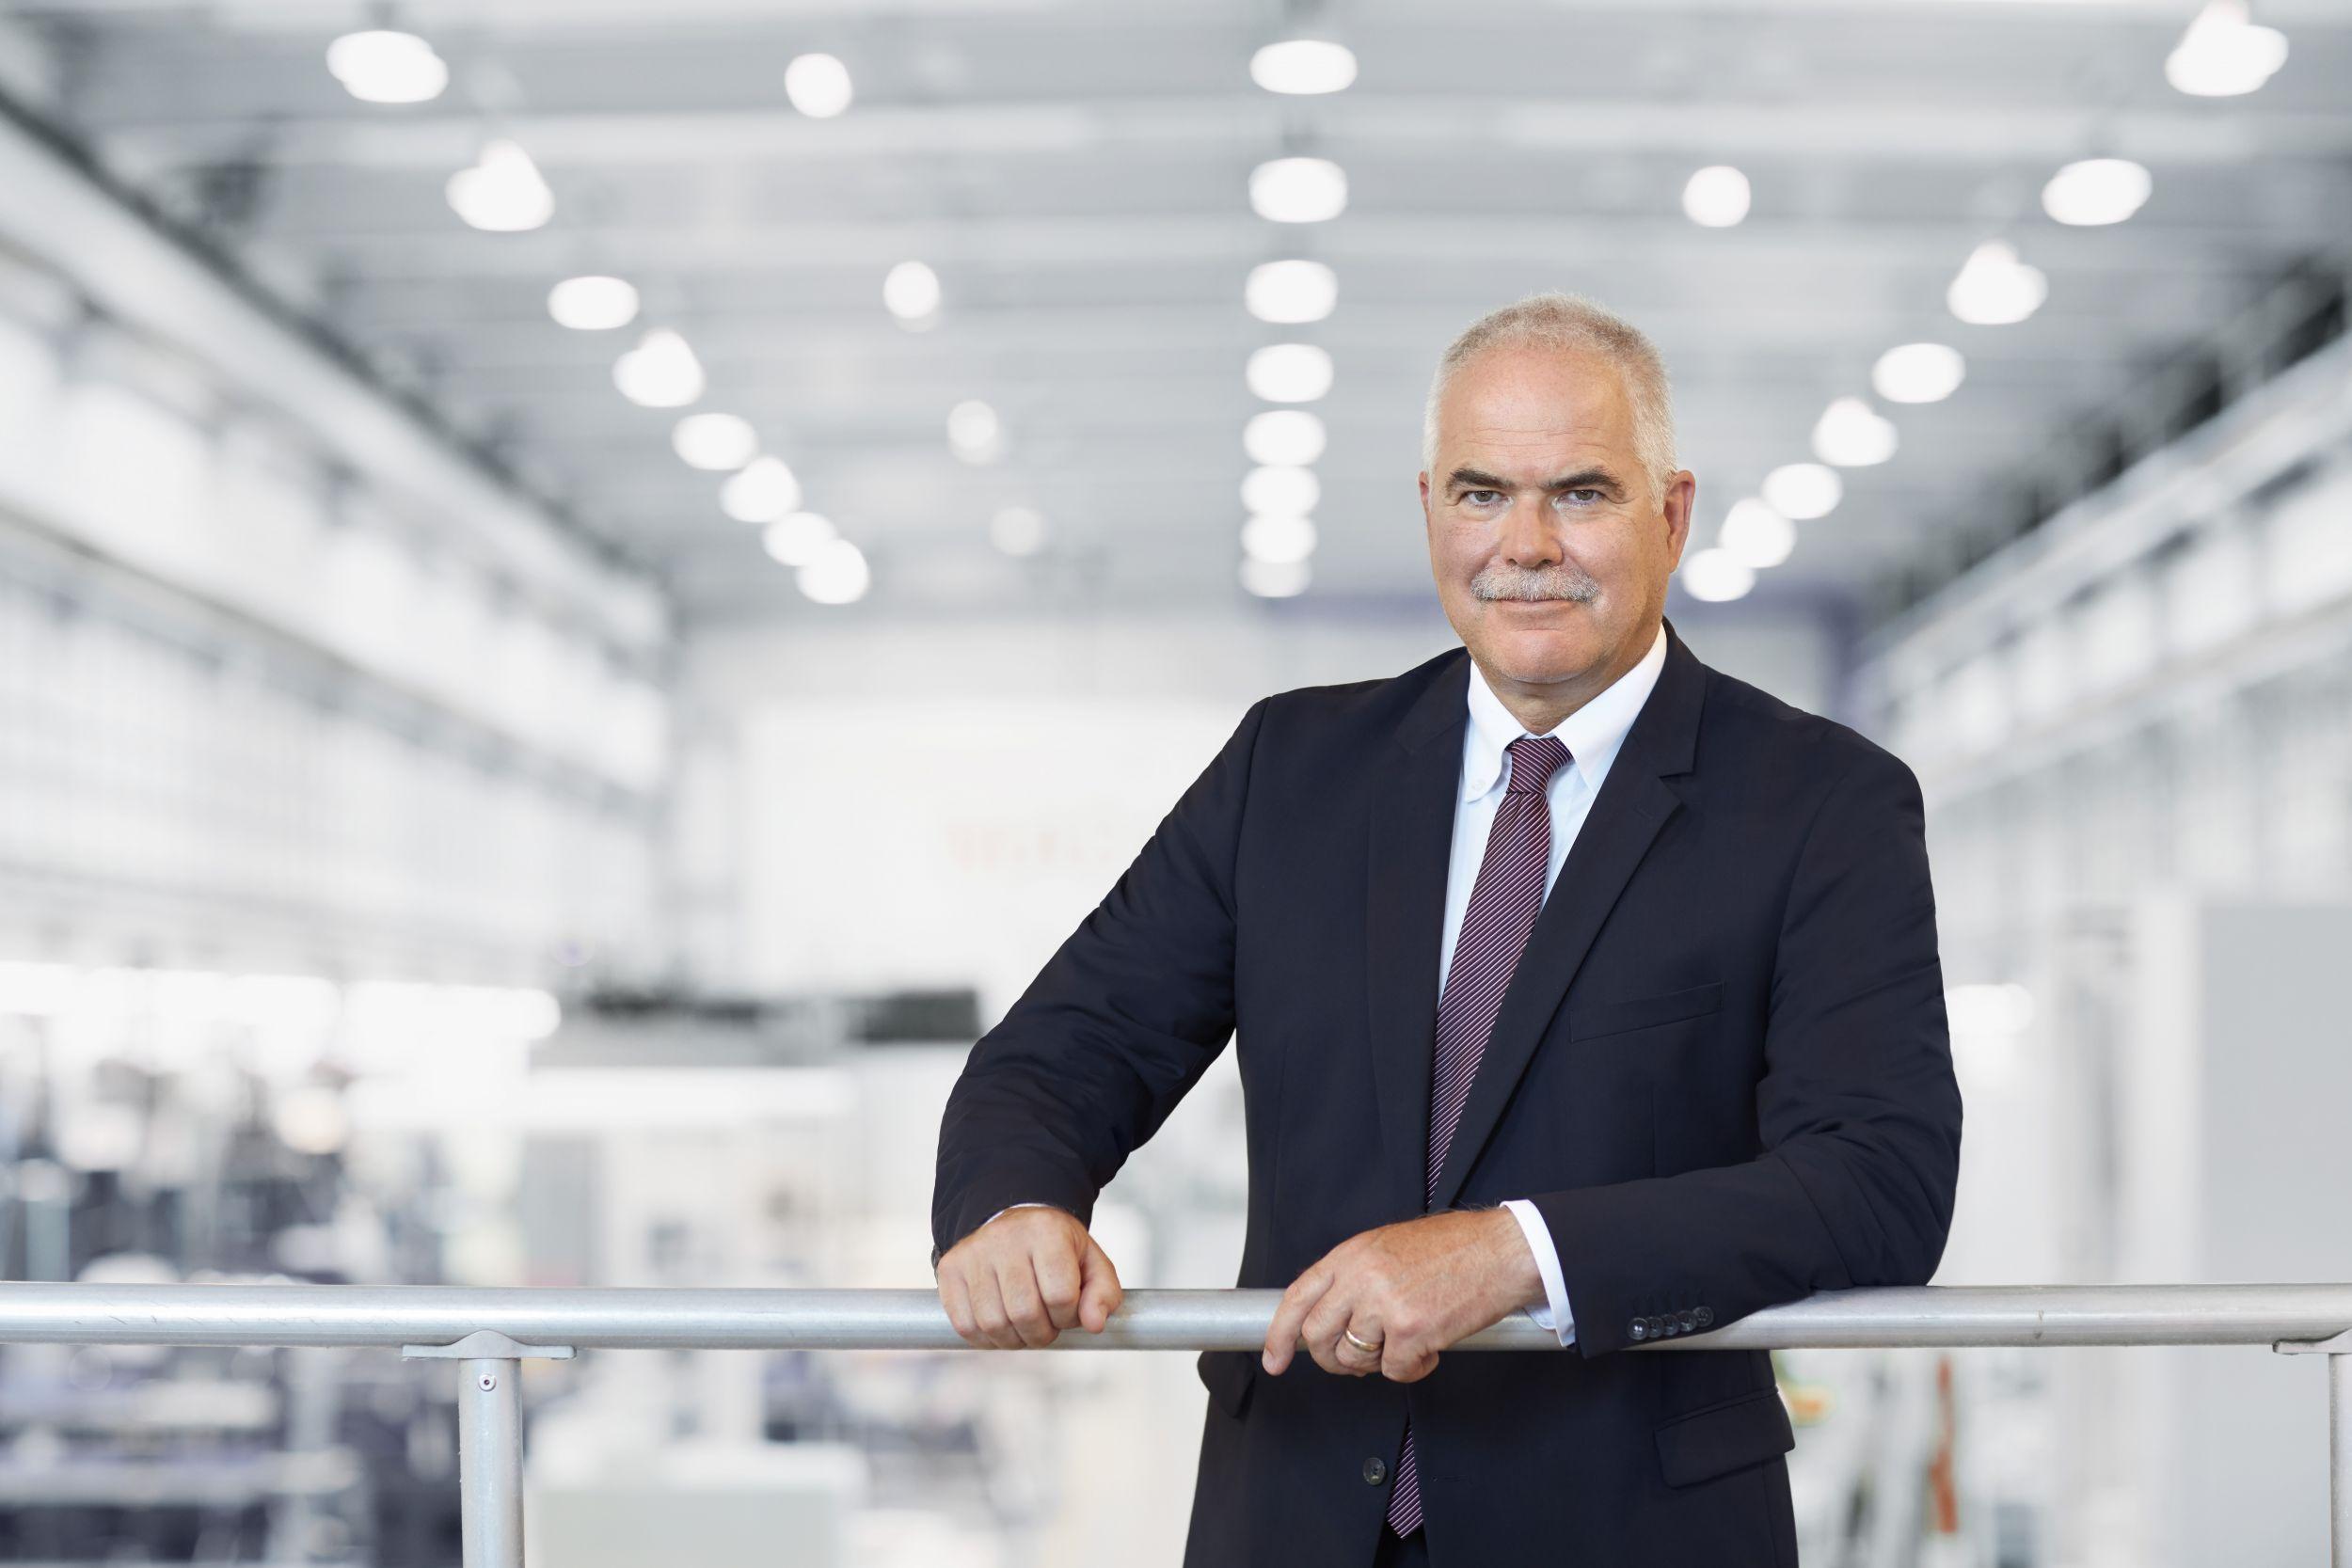 Ein smarter Technologiemix flexibilisiert die Produktion